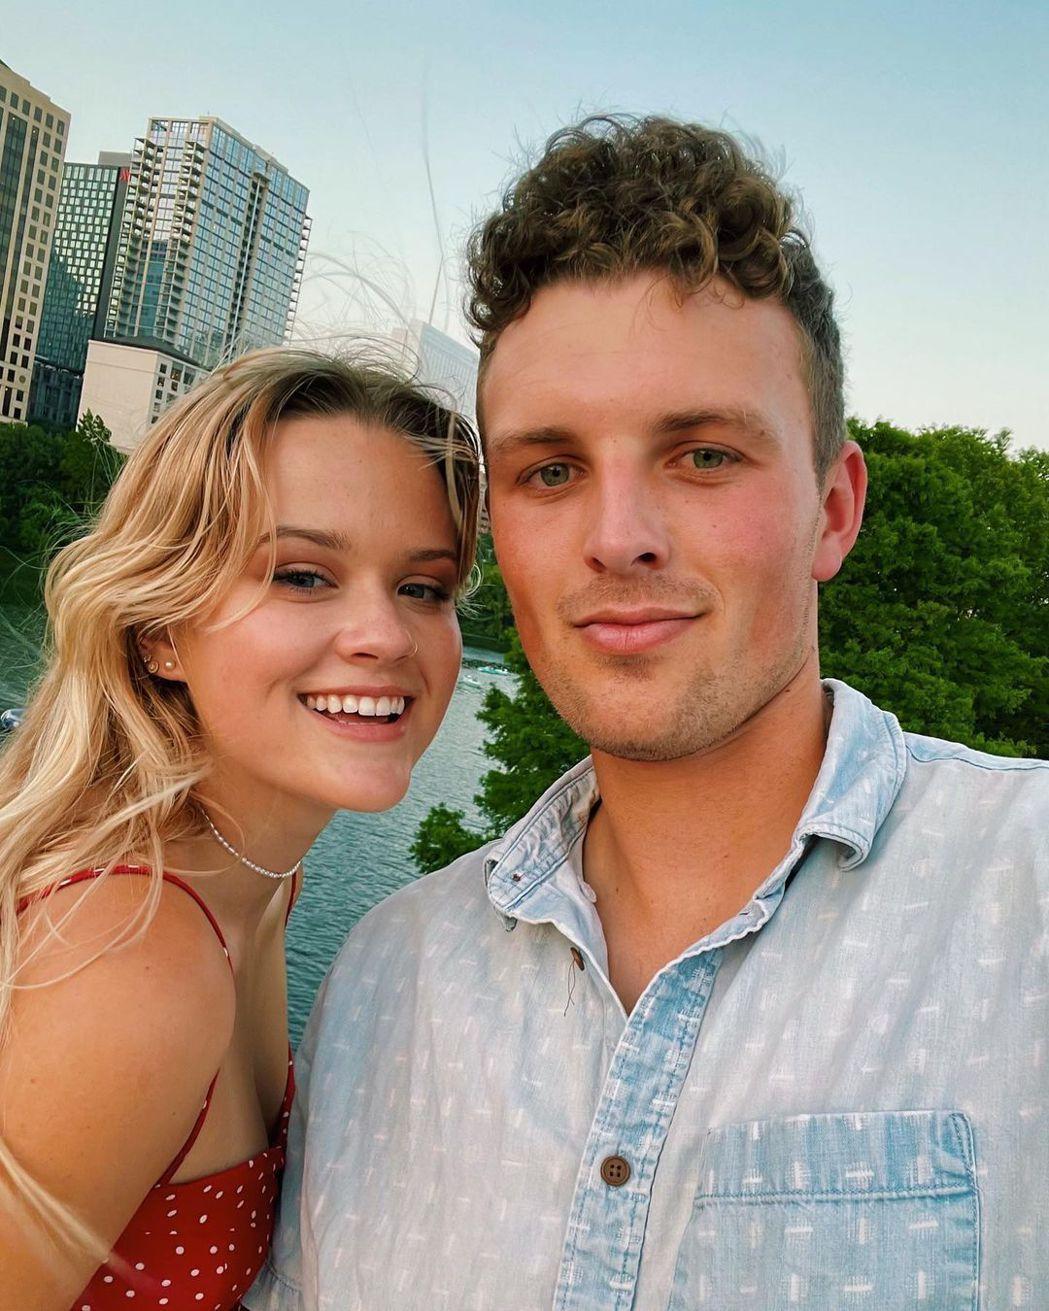 艾娃菲利普與男友歐文合照,被形容有如父母年輕樣貌重現。圖/摘自IG